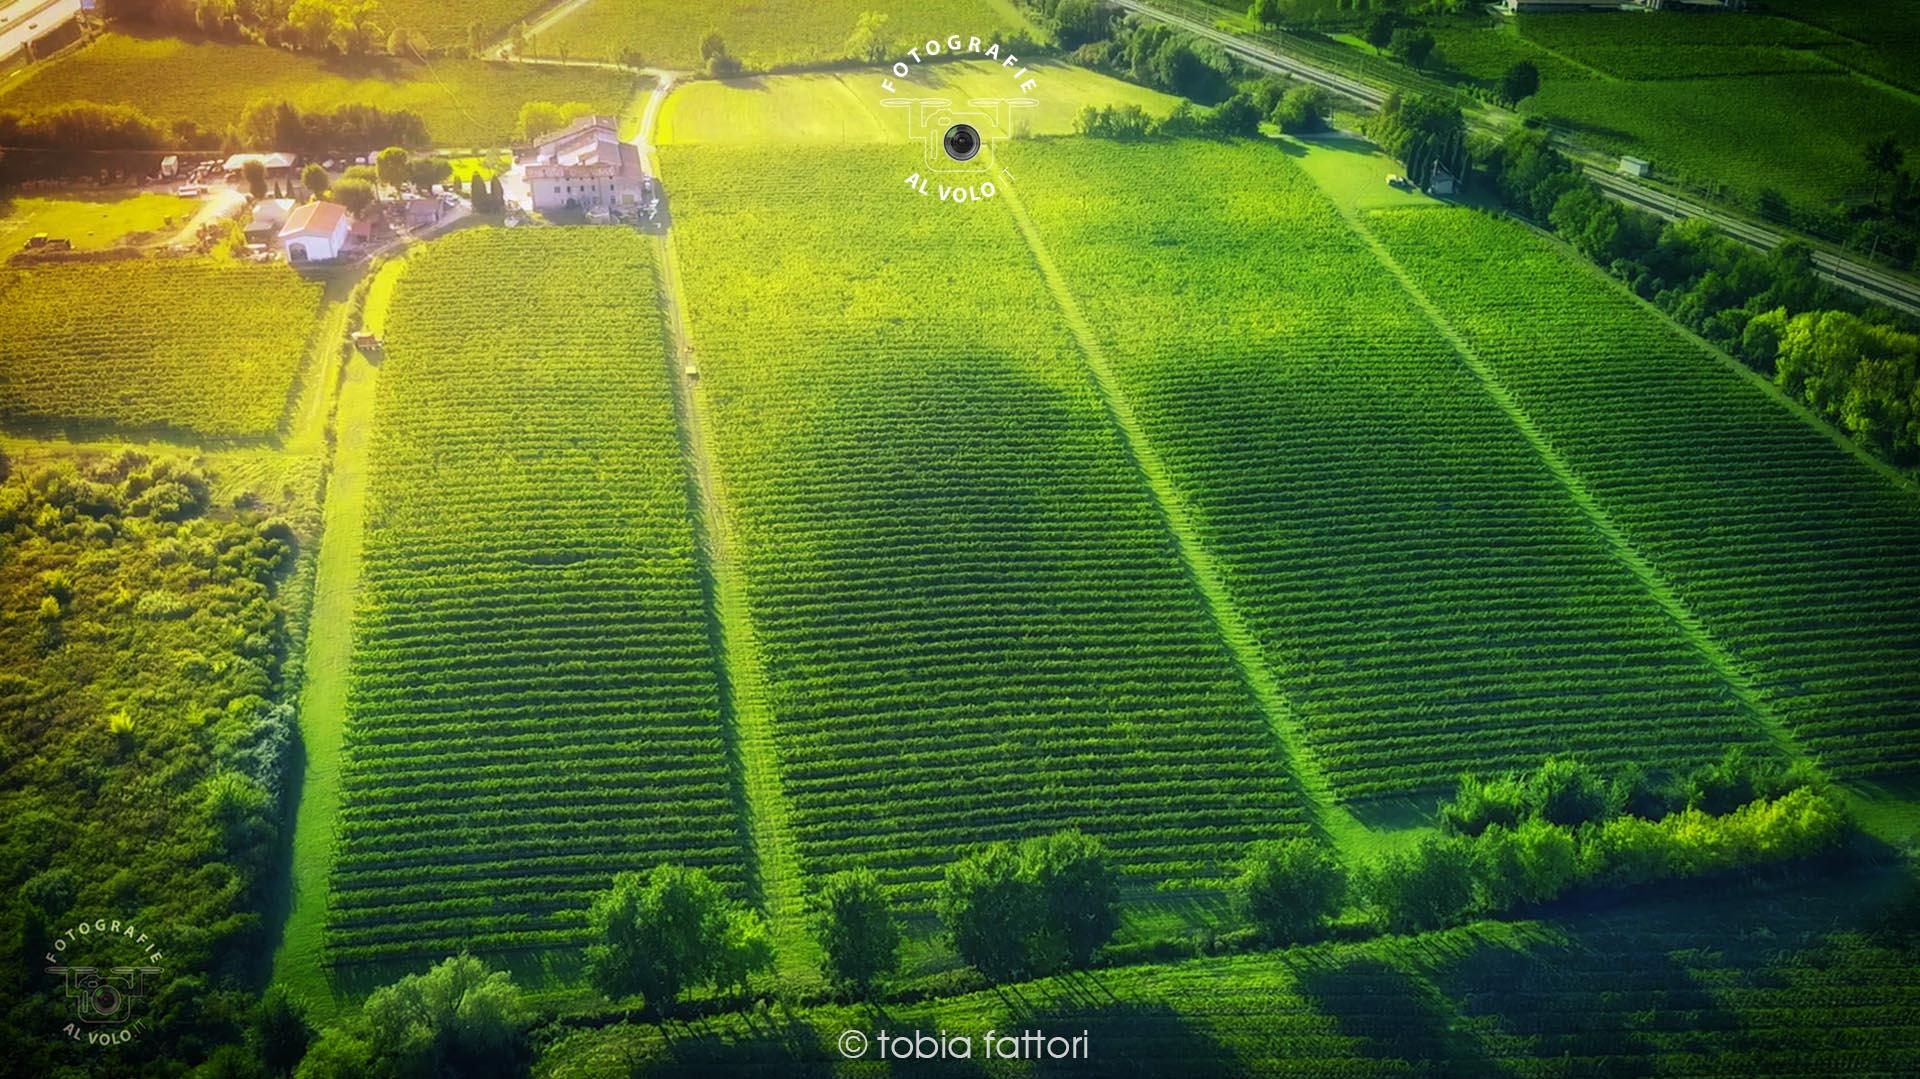 Fotografie Al Volo! Riprese aeree con drone - Vendemmia Vino Lugana - Tobia Fattori